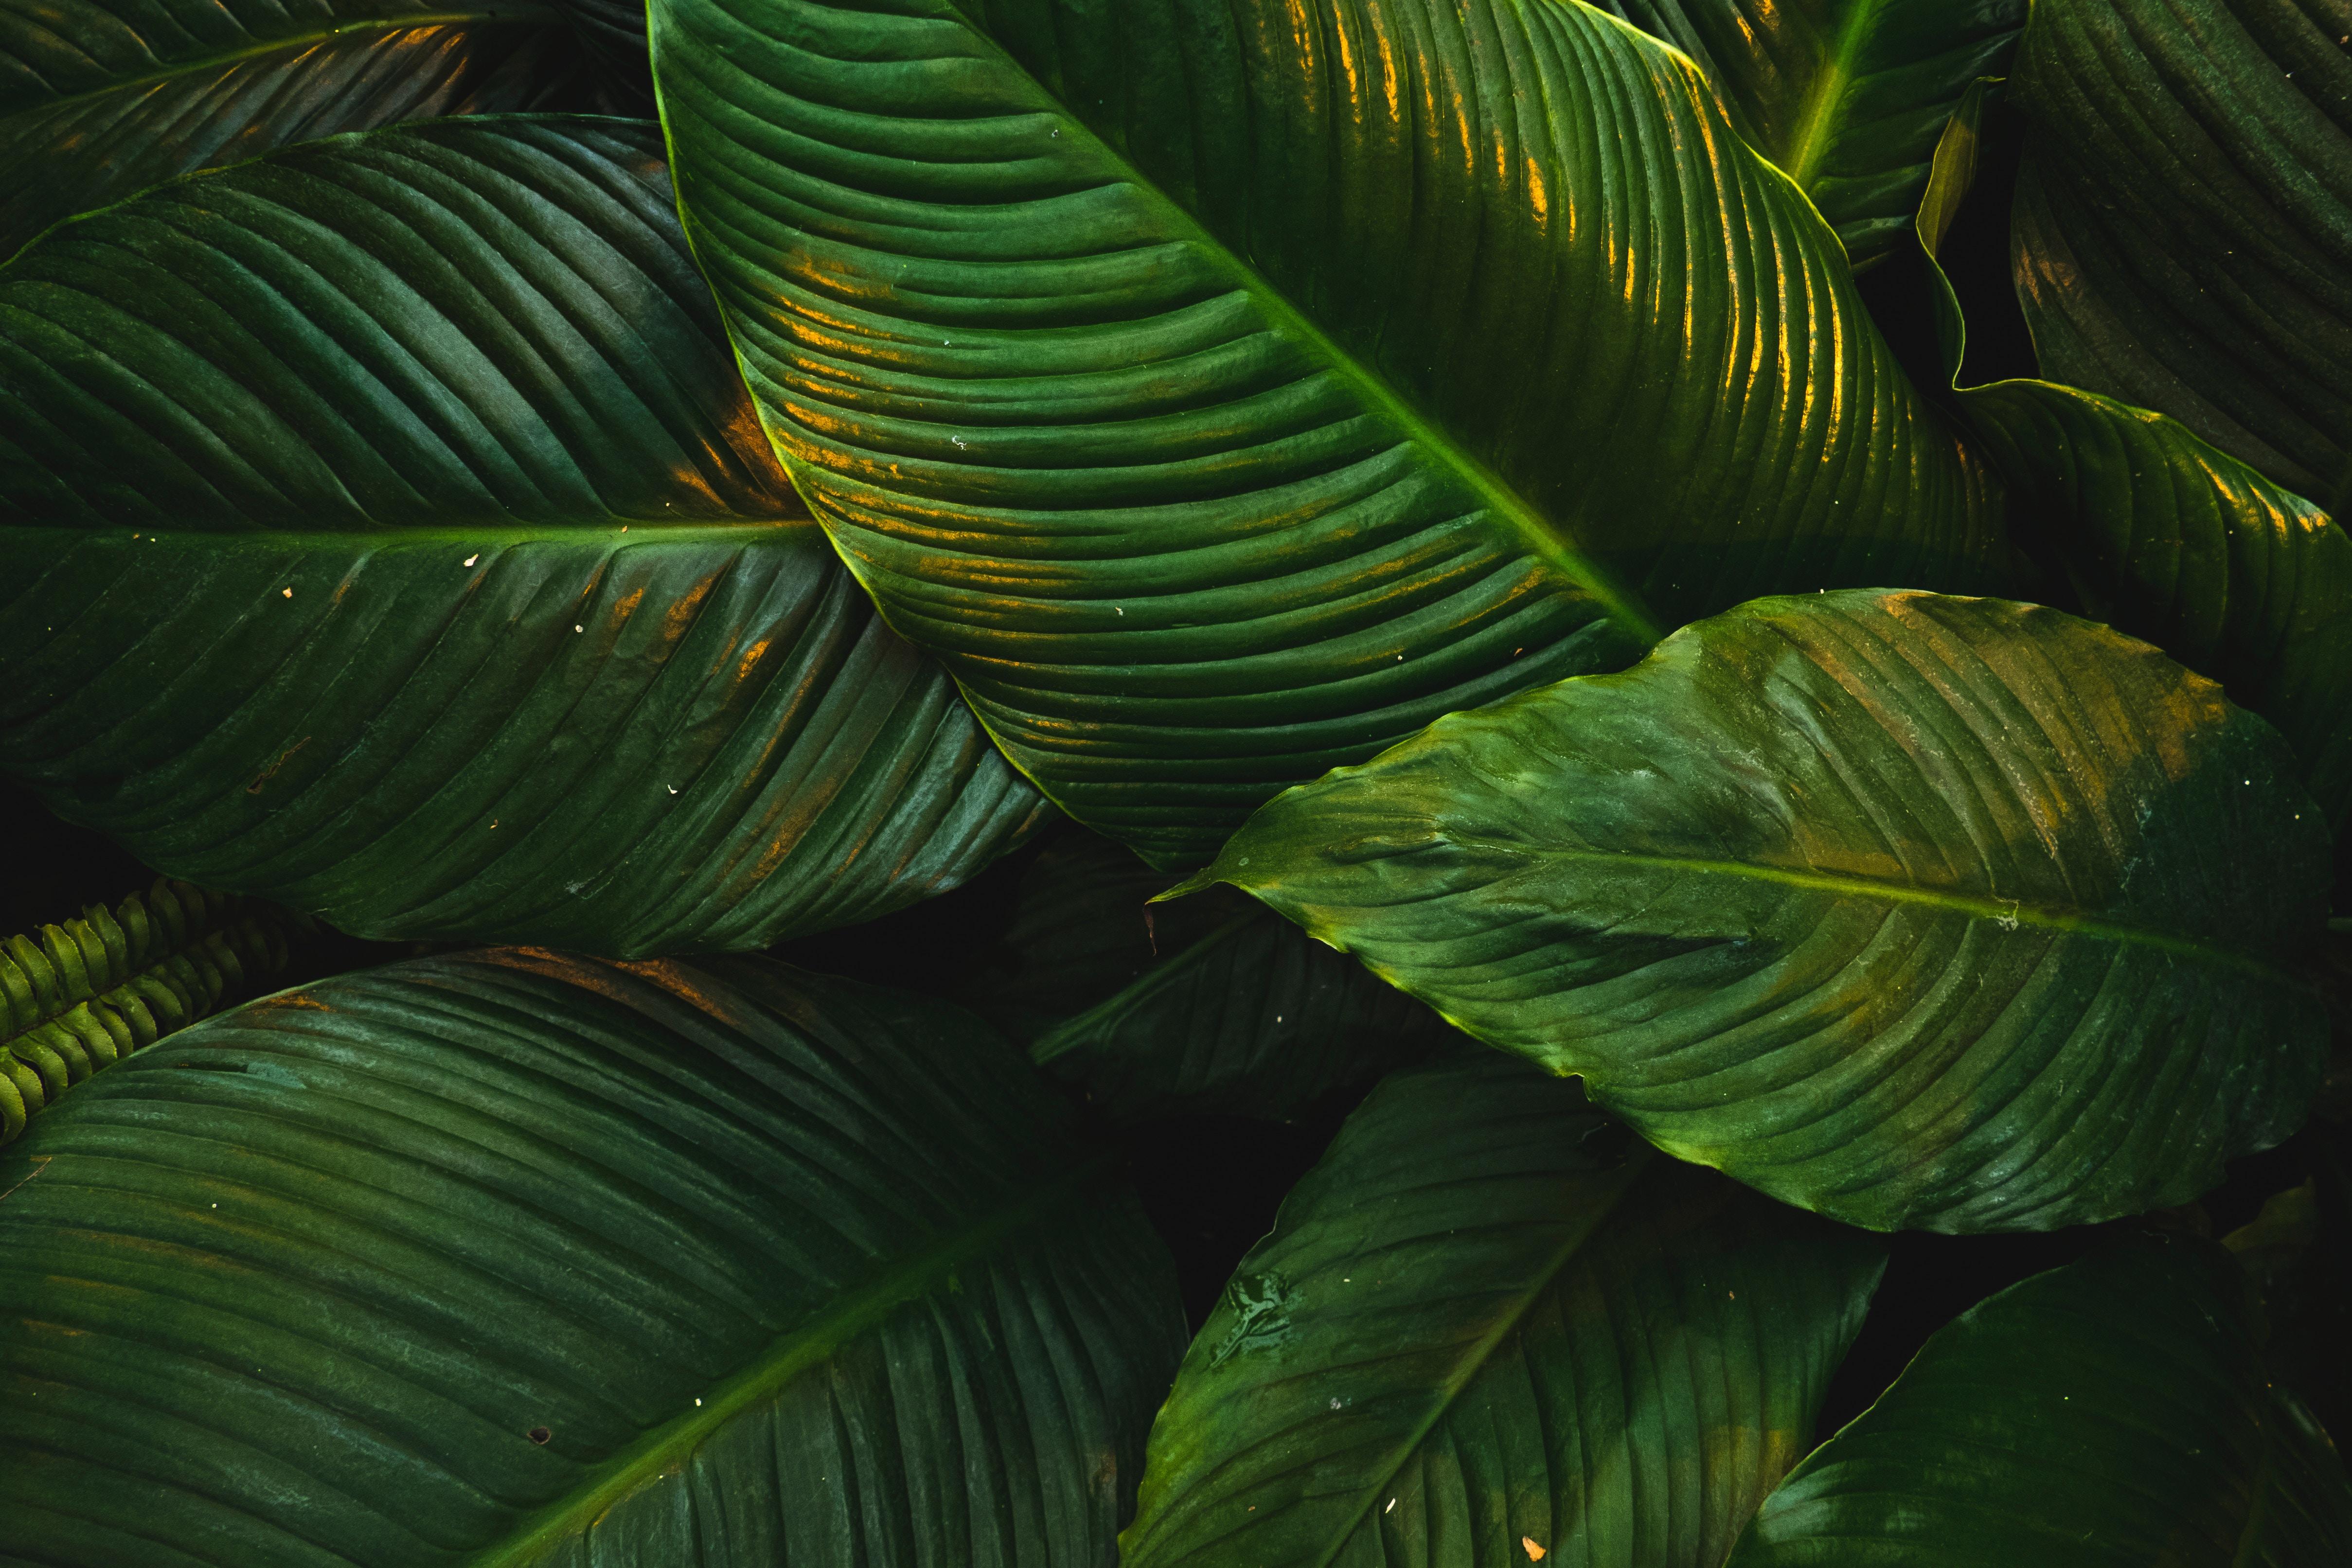 Imagem de copas de árvores